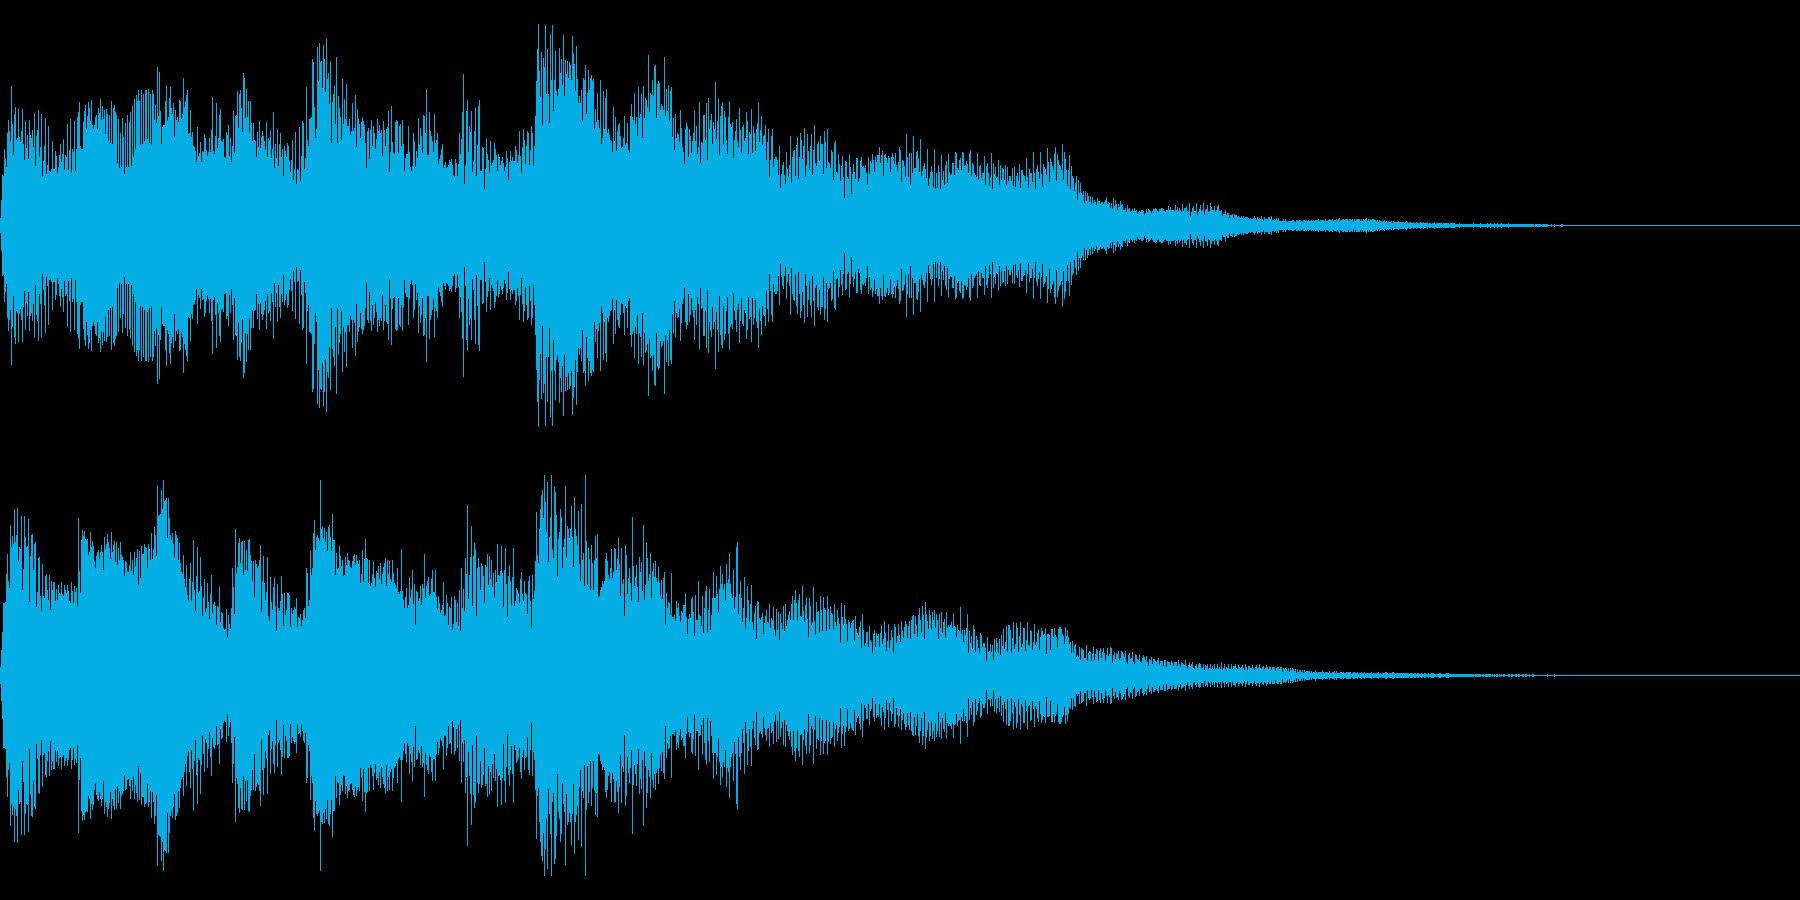 クリーンギター 場面転換 CMインの再生済みの波形